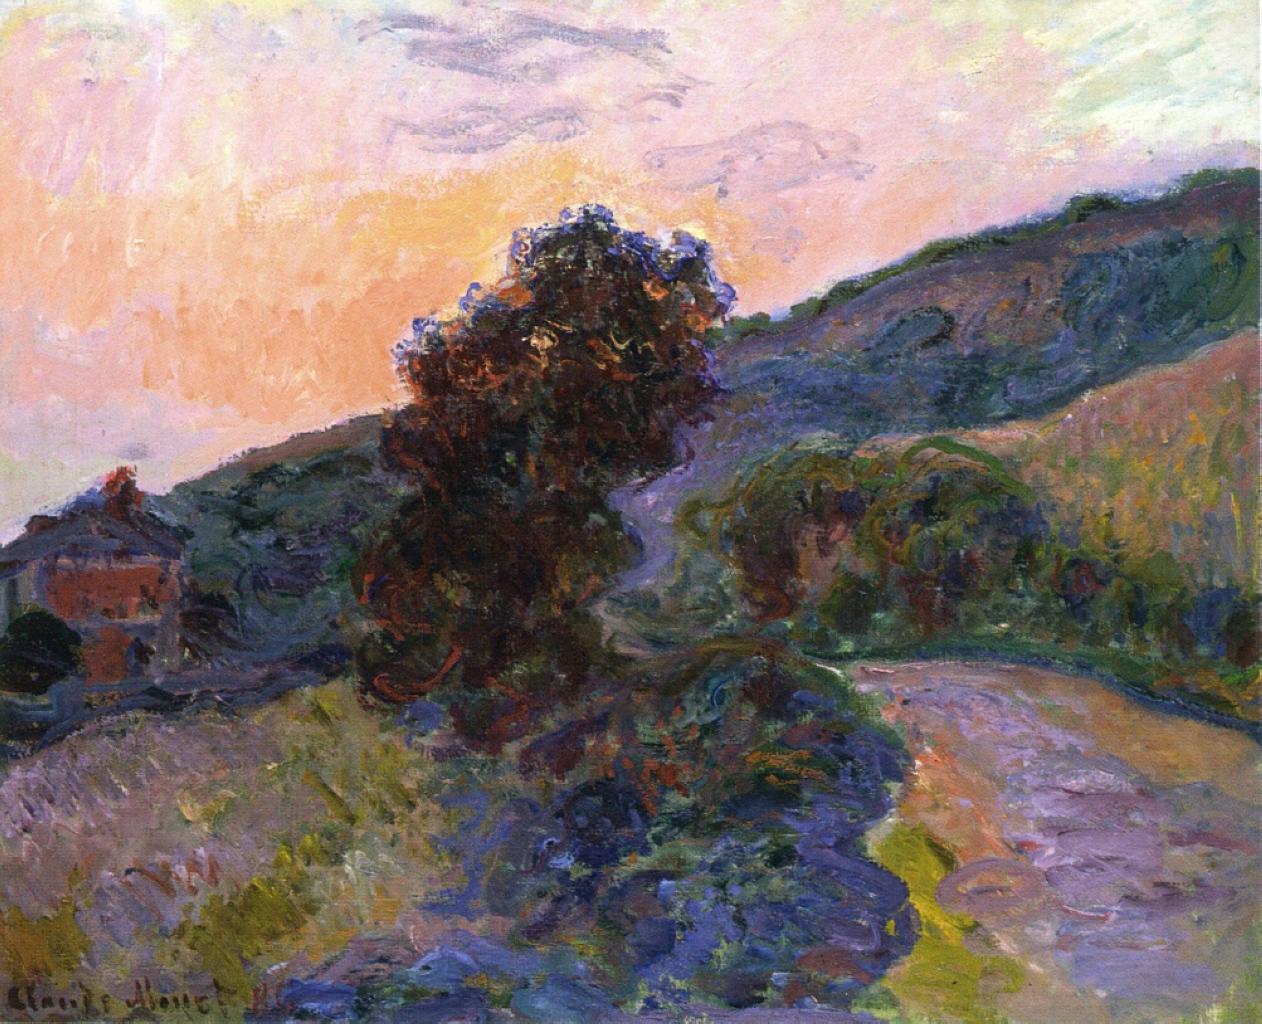 Artworks by Oscar Claude Monet (2 часть) (231 работ) » Страница 4 »  Картины, художники, фотографы на Nevsepic